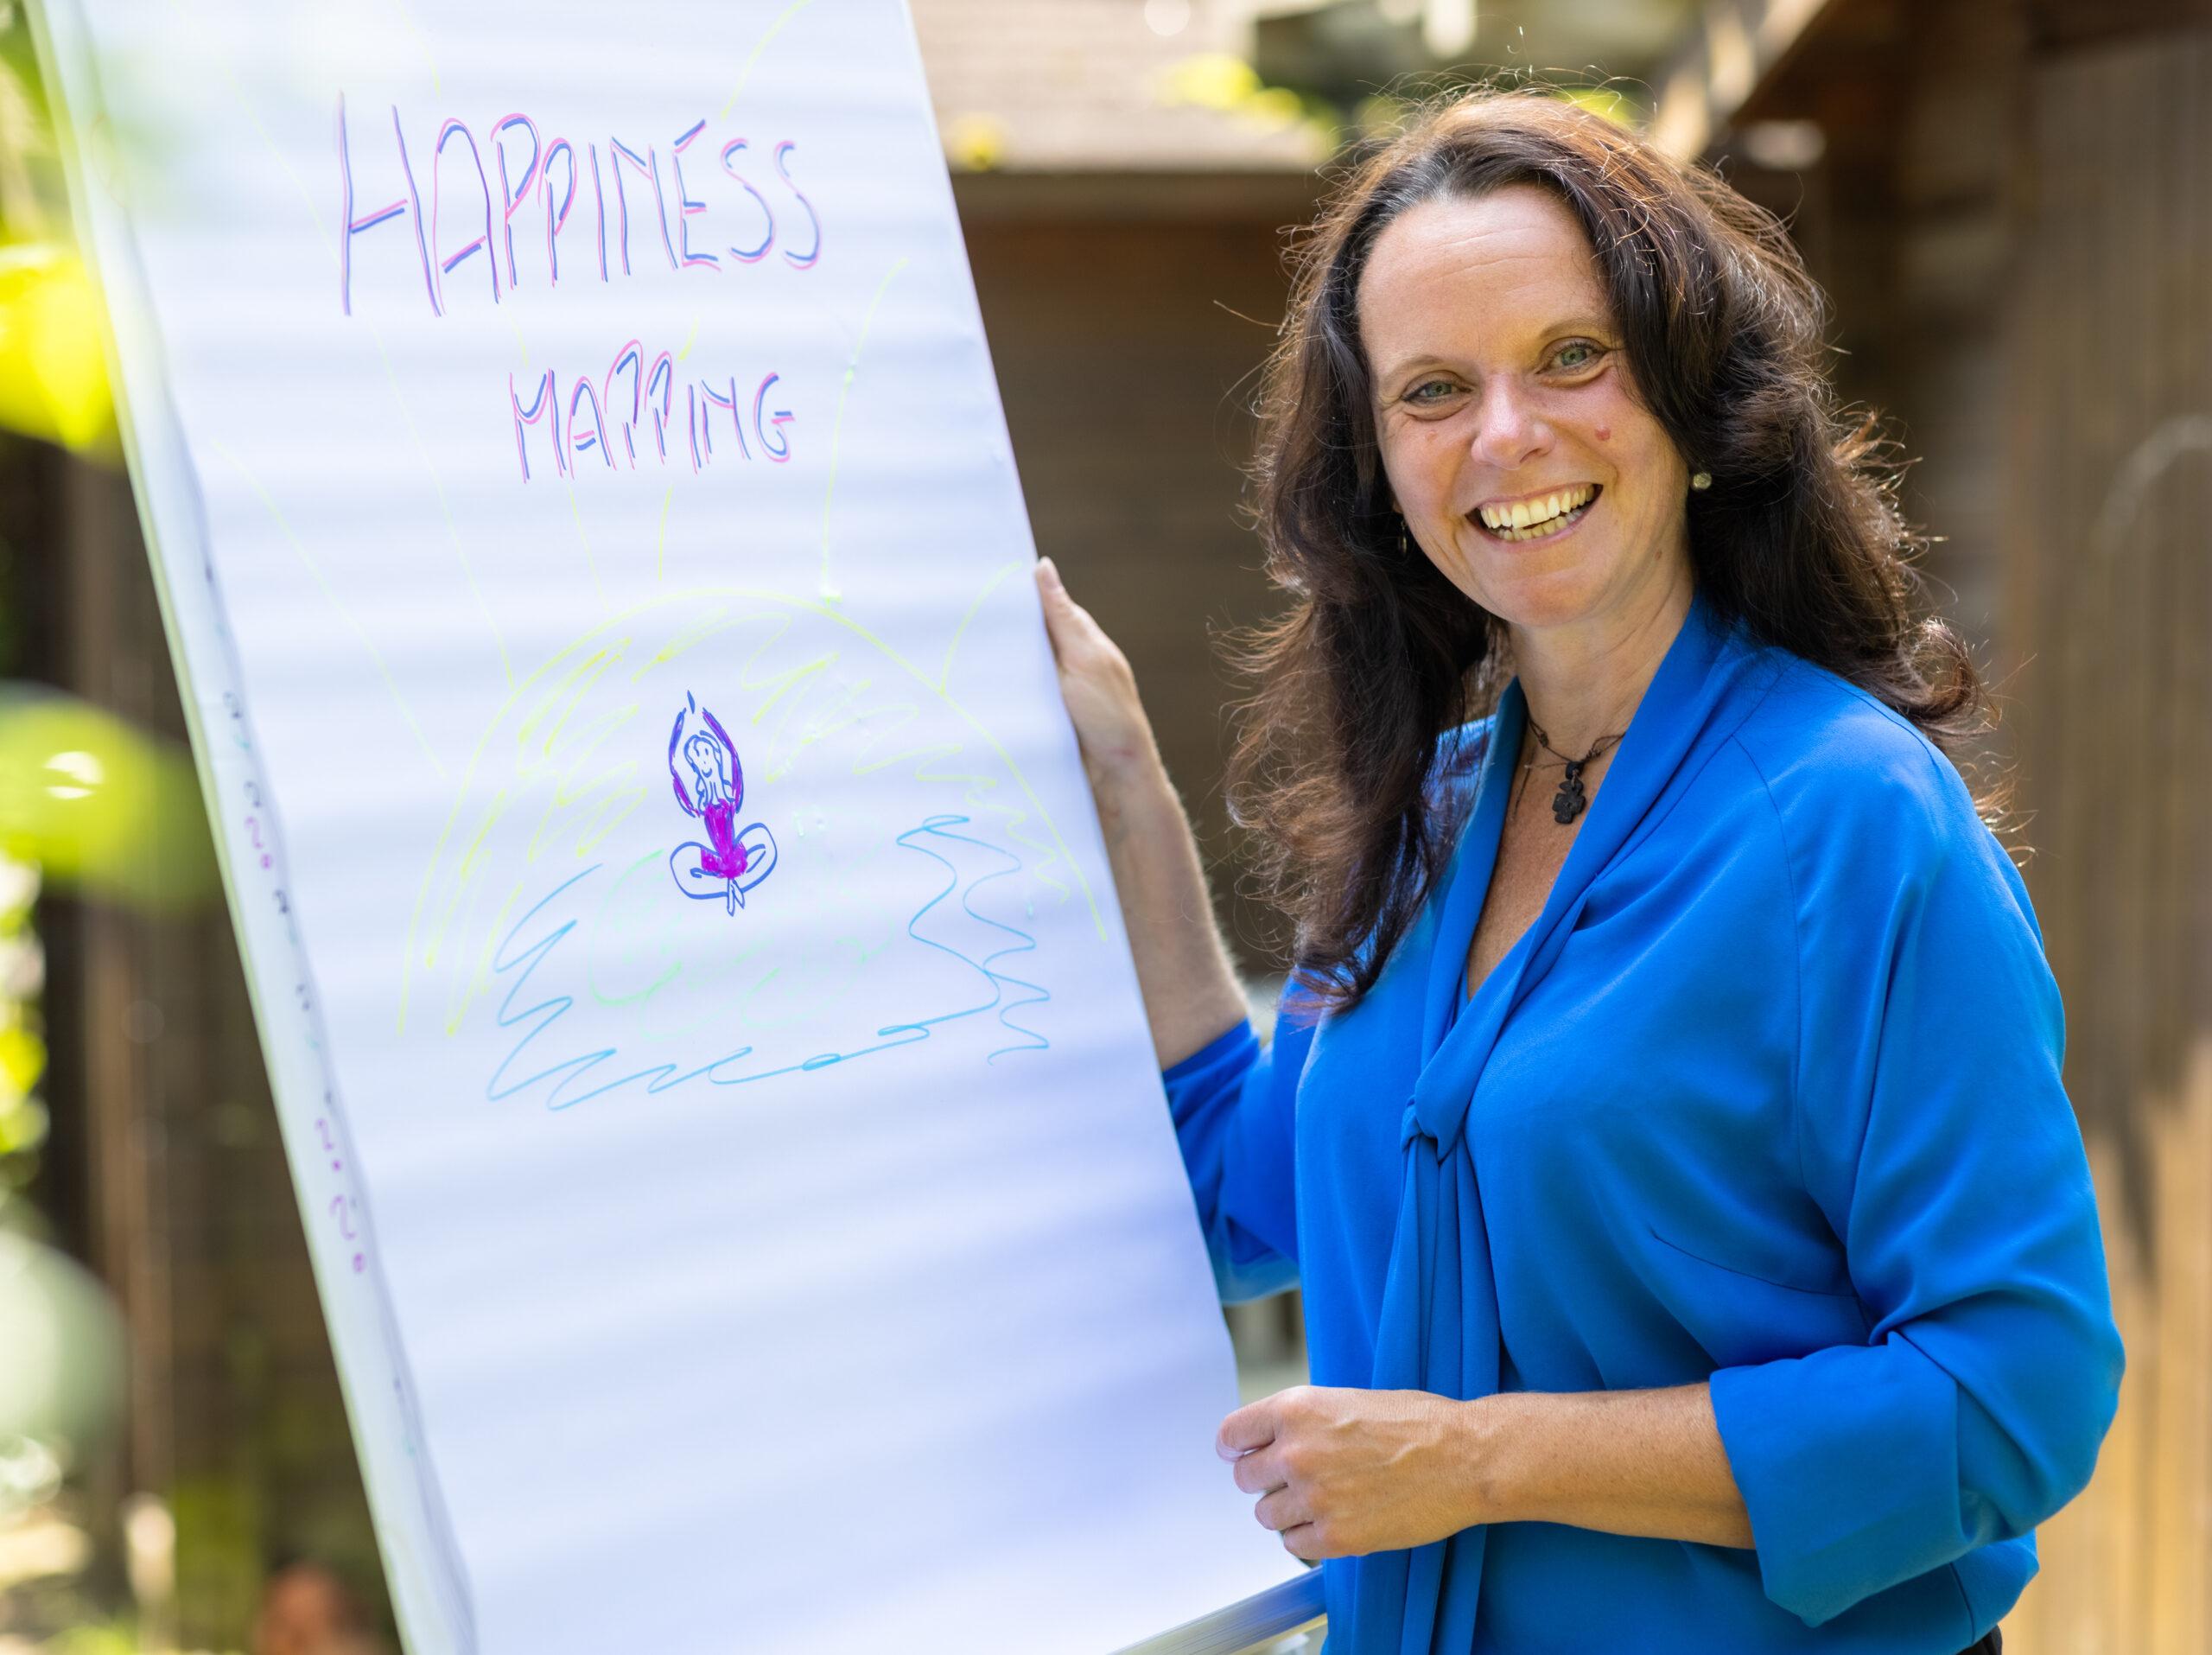 Bild beim Happiness Mapping an einem Plipchart